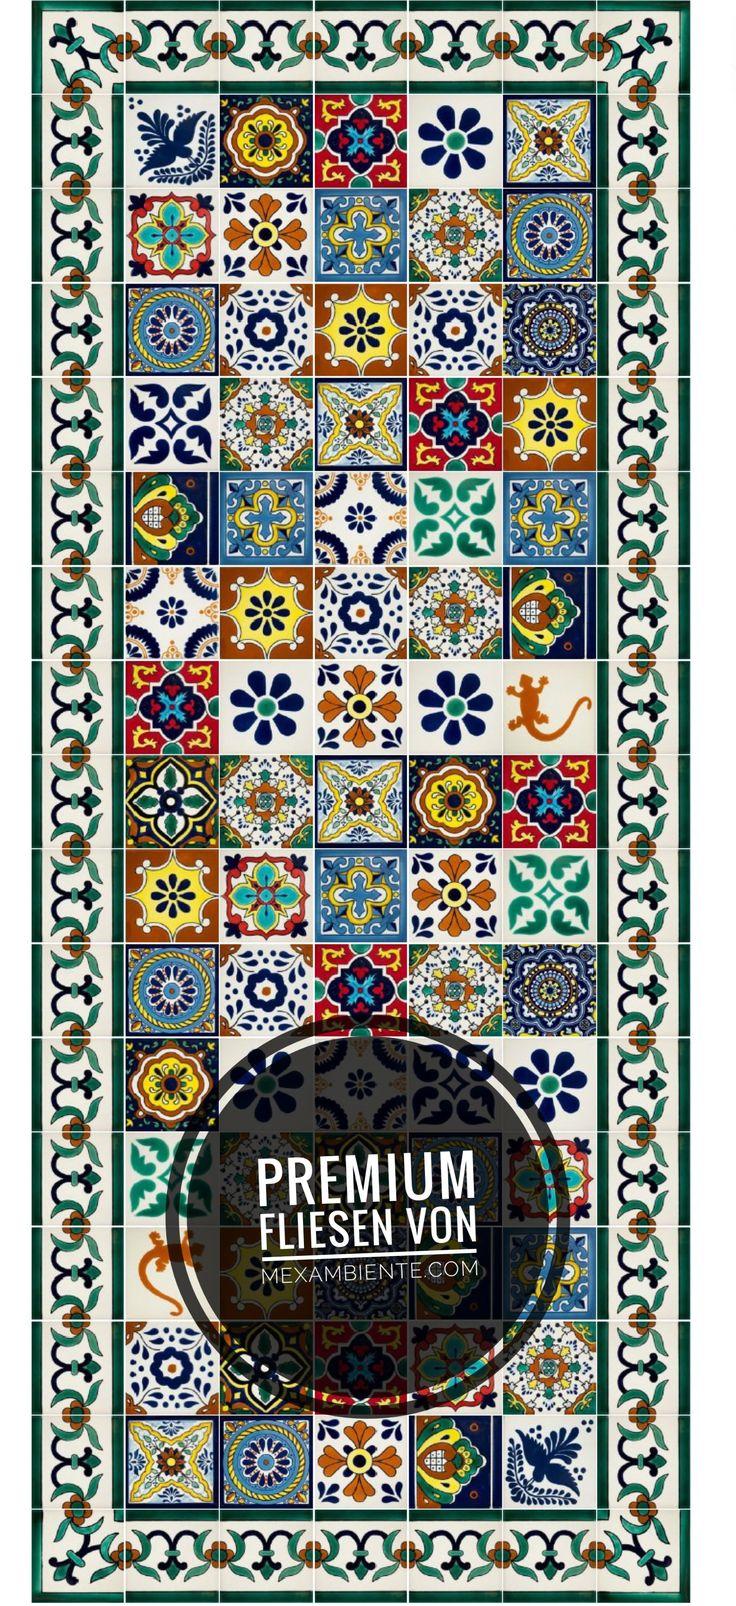 Hochwertige handbemalte mexikanische Fliesen von Mexambiente in Premium Qualität von Mexambiente für die Küche, Bad, Treppenstufen #wandfliesen #fliesenspiegel #fliesen #buntefliesen #mexikanisch #azulejos #portugiesischefliesen #spanischefliesen #patchwork #muster #musterfliesen #dekorfliesen #designfliesen #mexicantiles #mexambiente